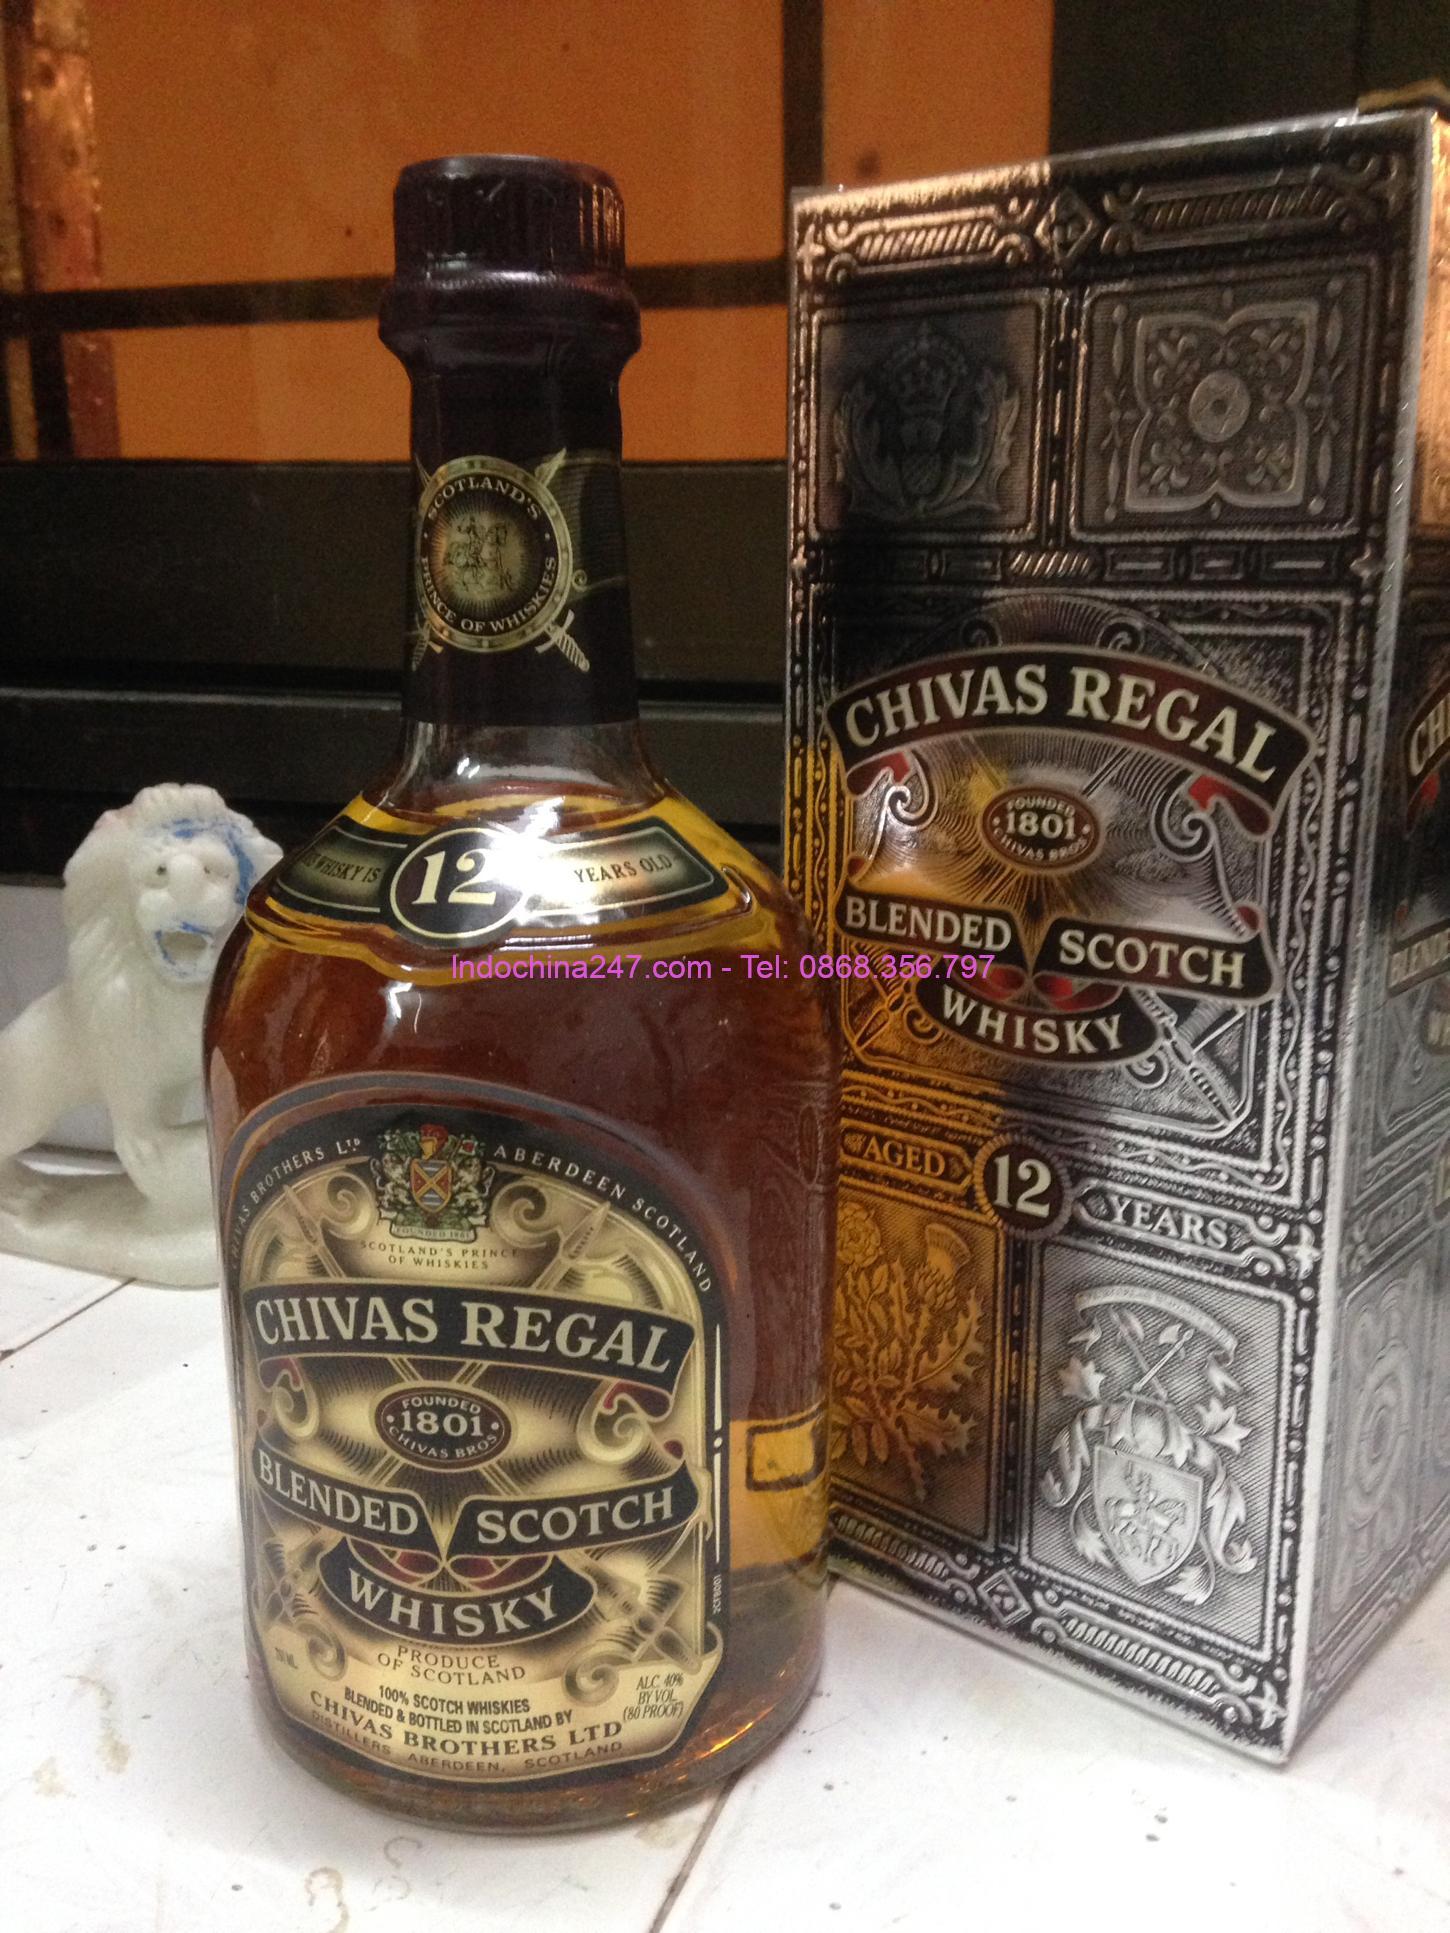 Tư vấn chuyển phát nhanh hàng rượu từ Anh (UK) về Việt Nam